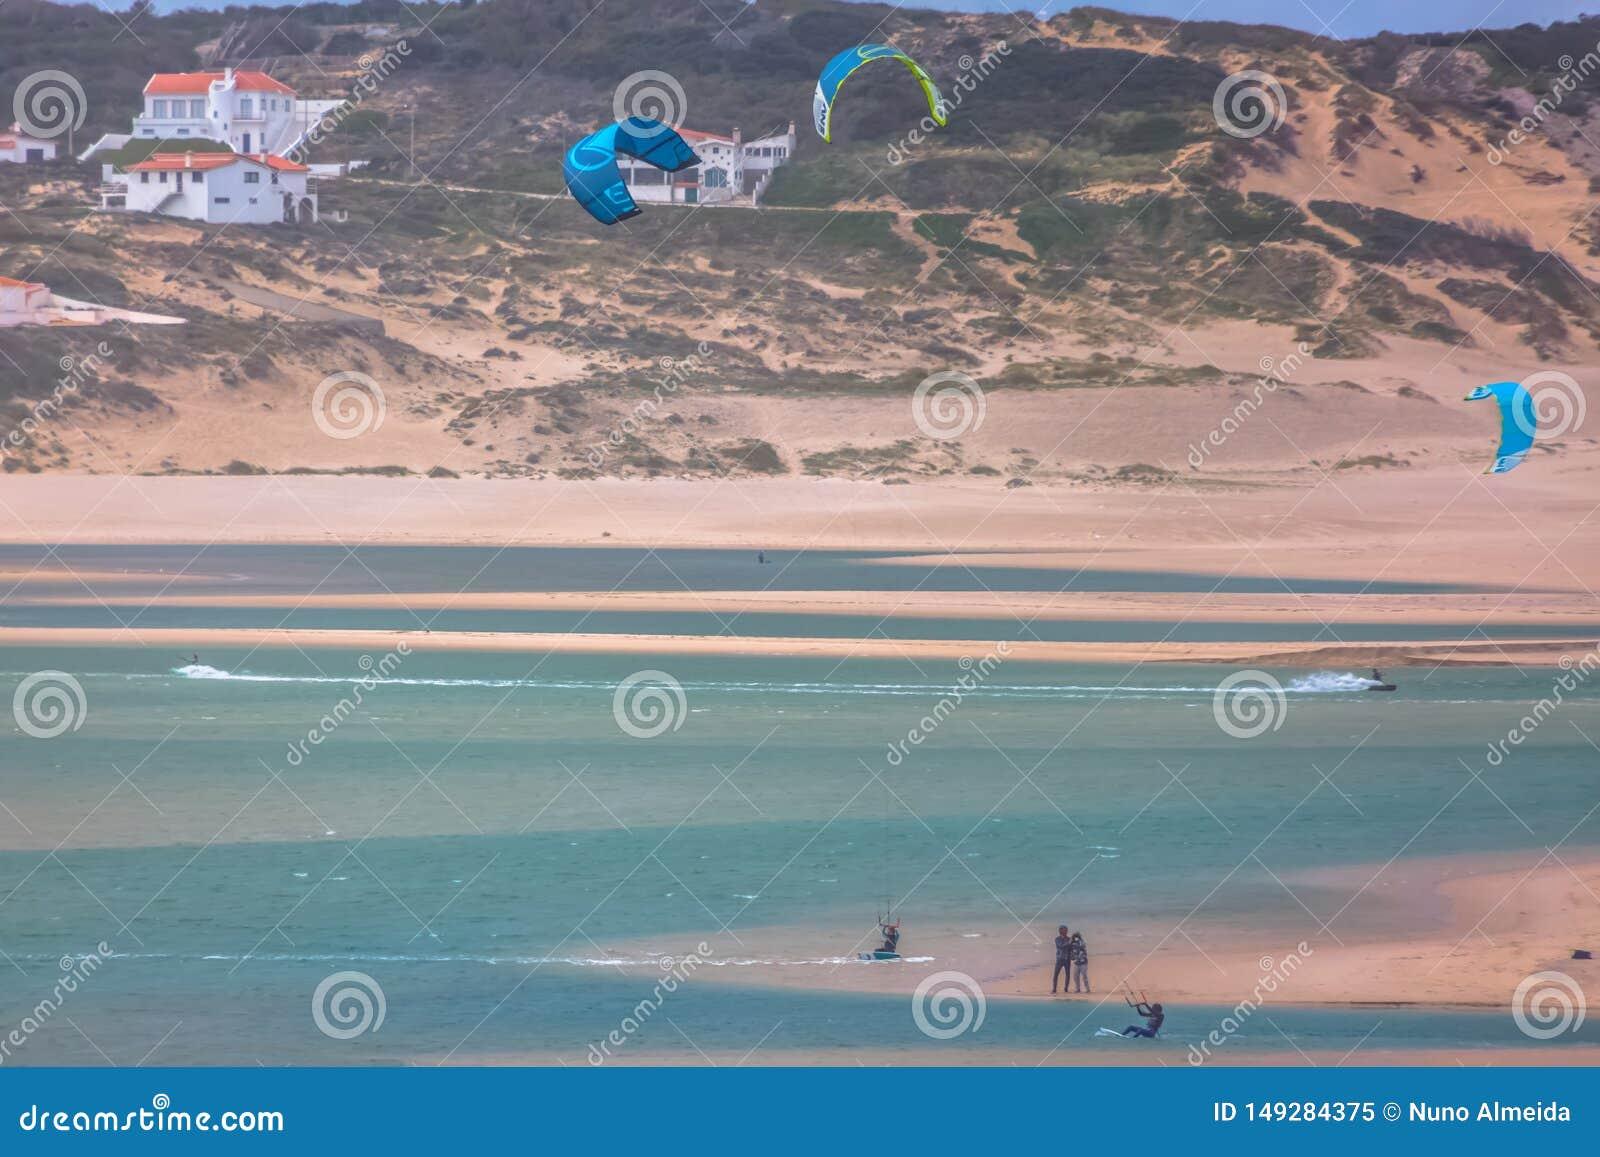 Άποψη του αθλητισμού επαγγελματιών που ασκεί τον ακραίο αθλητισμό ικτίνος-που επιβιβάζεται στη λιμνοθάλασσα Obidos